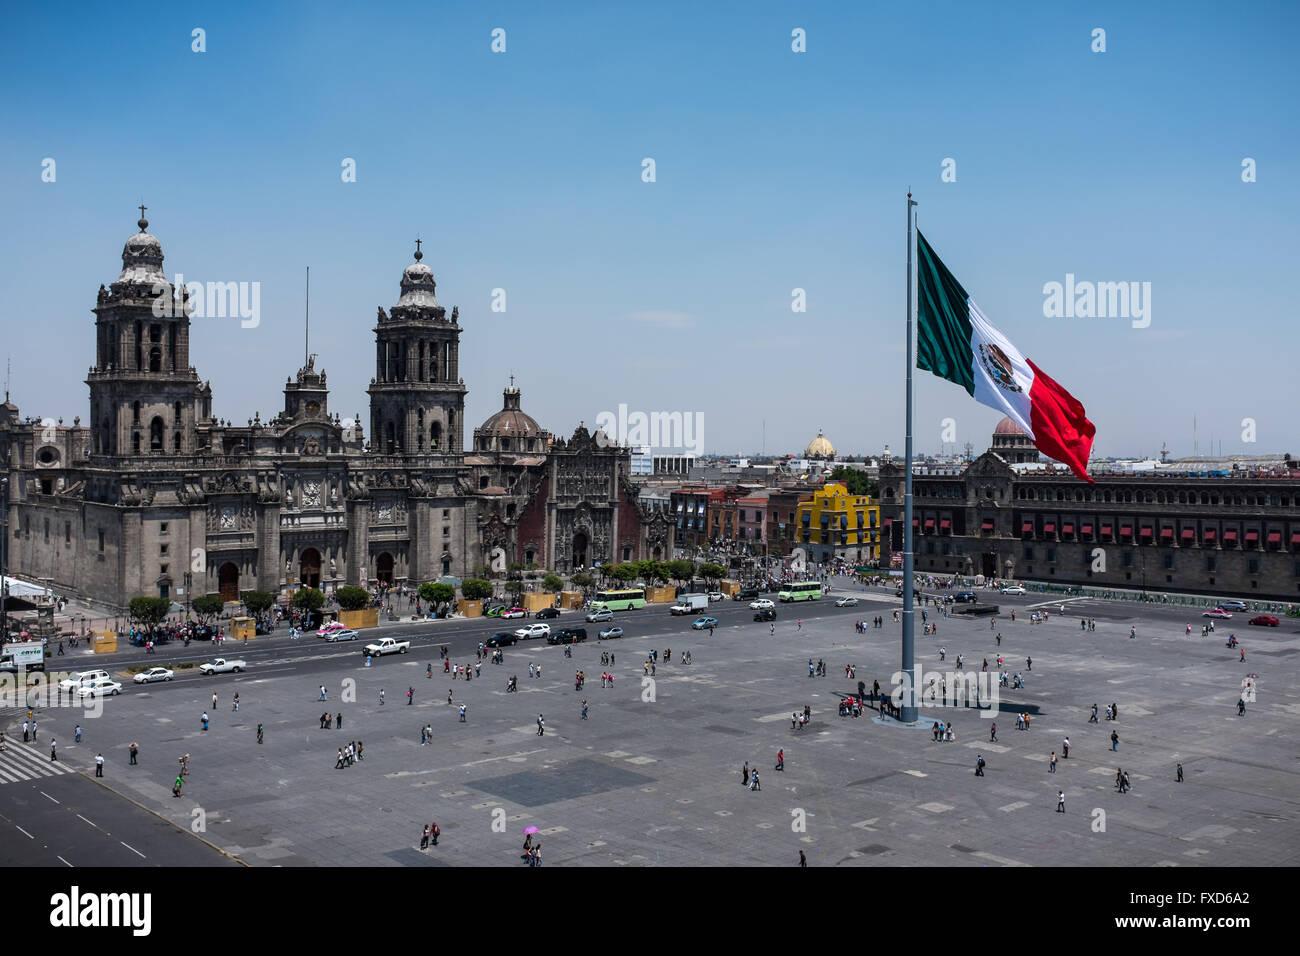 Plaza de la Constitución (Zócalo et cathédrale) à Mexico Photo Stock